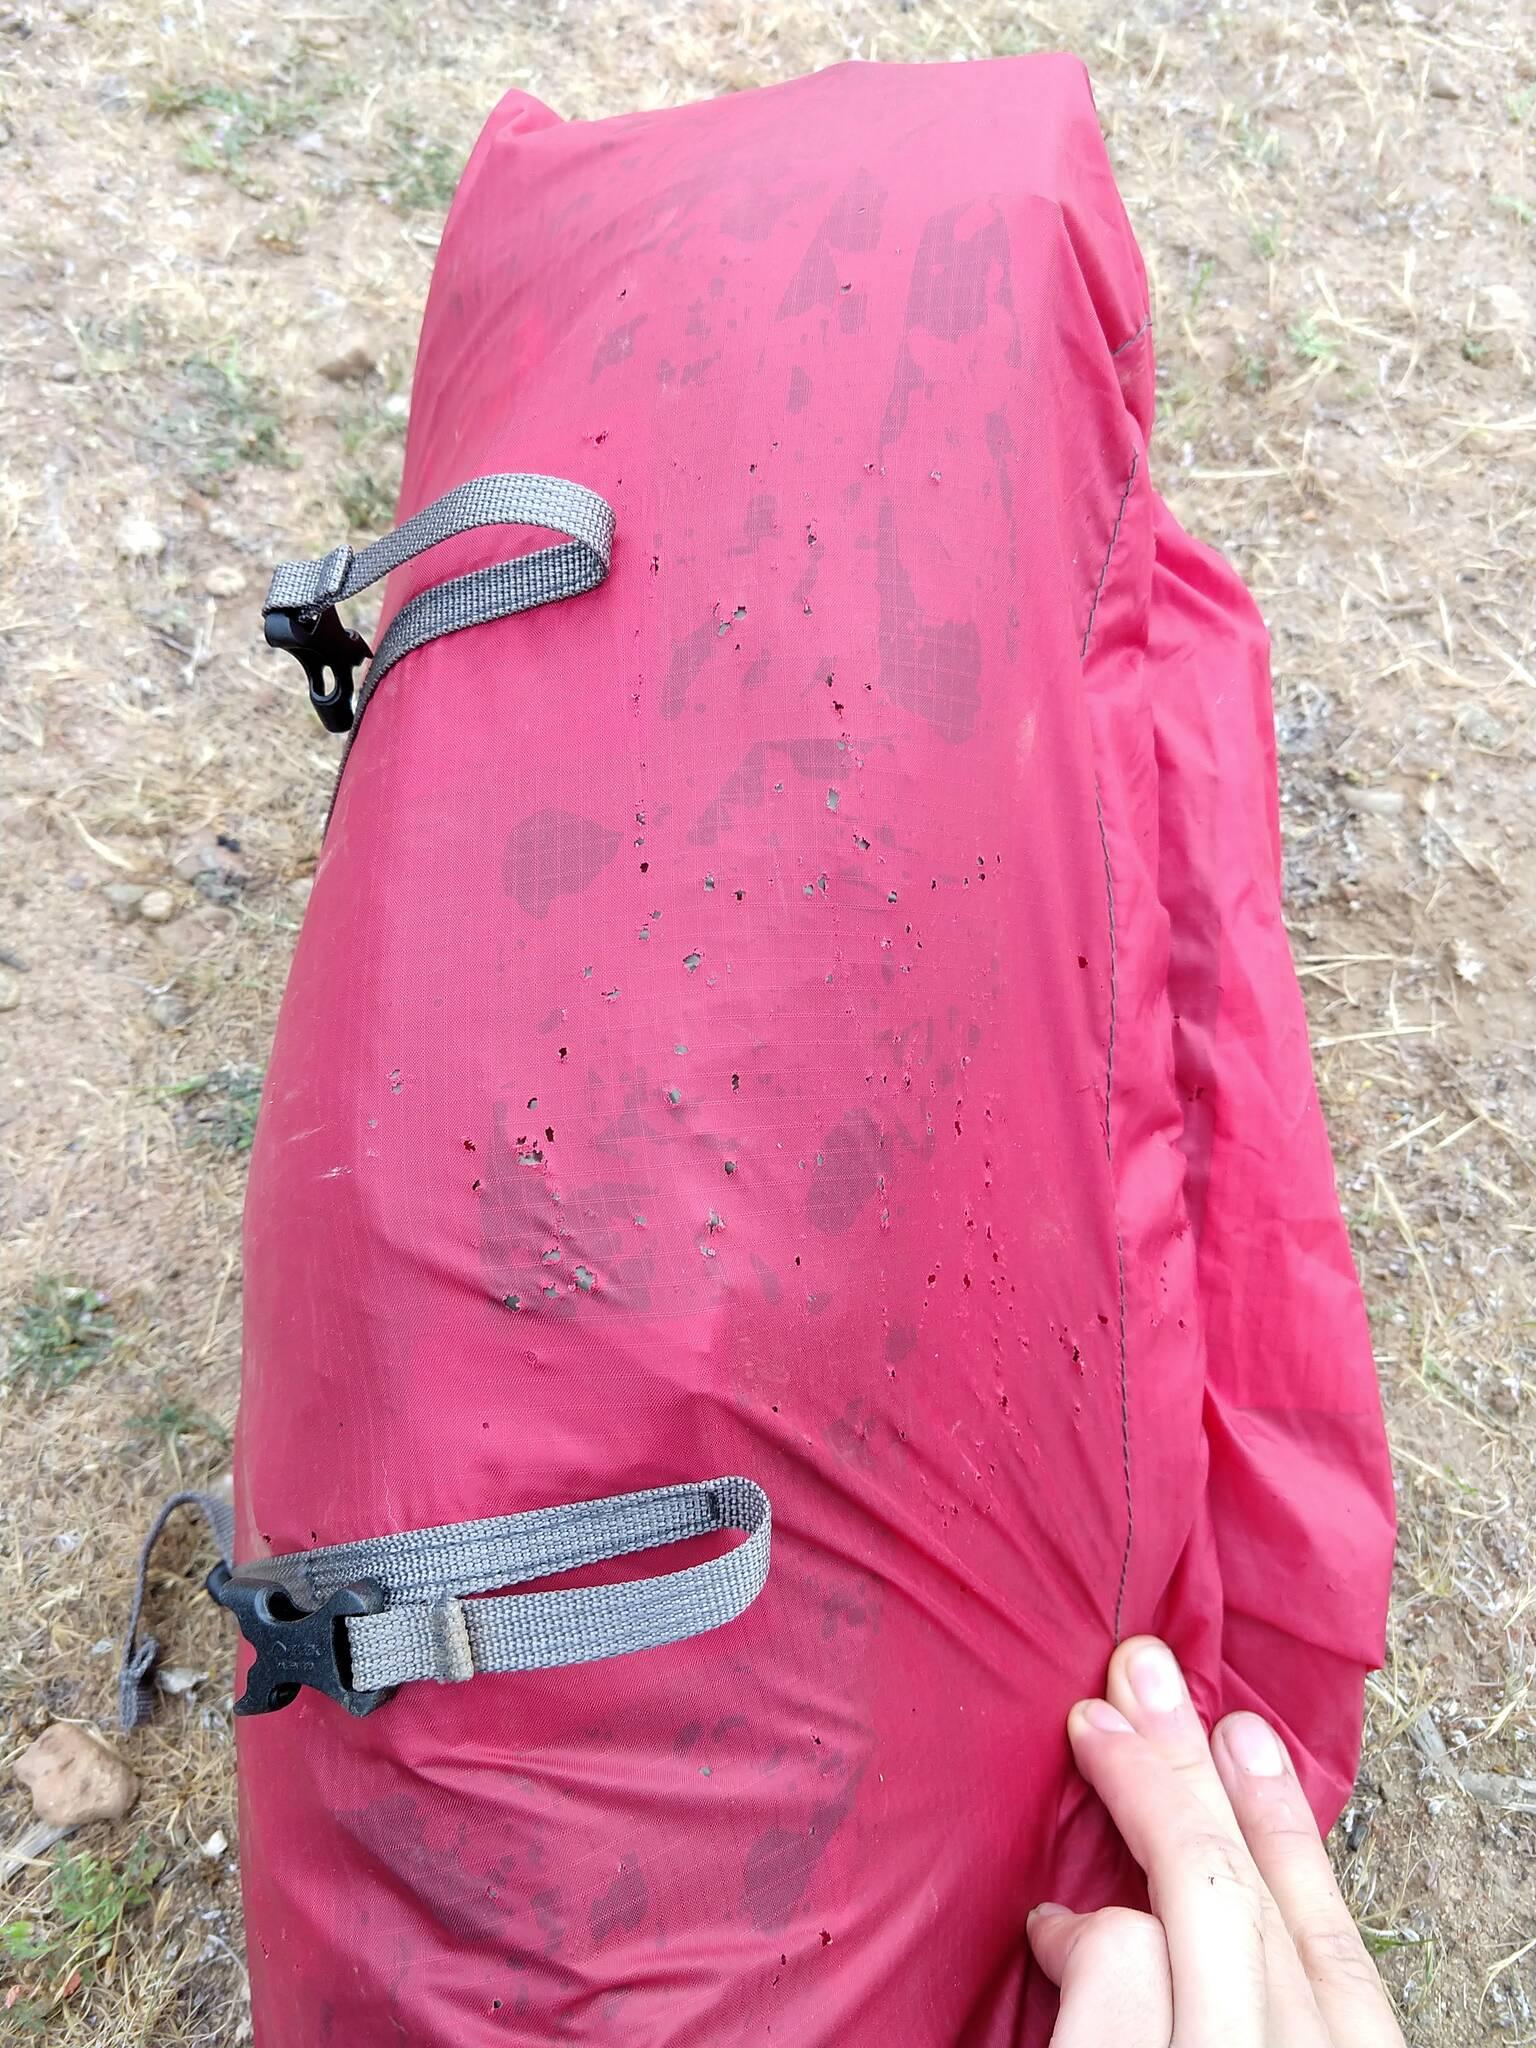 Mrówki wpieprzyły mi część pokrowca od namiotu i kawałek podłogi